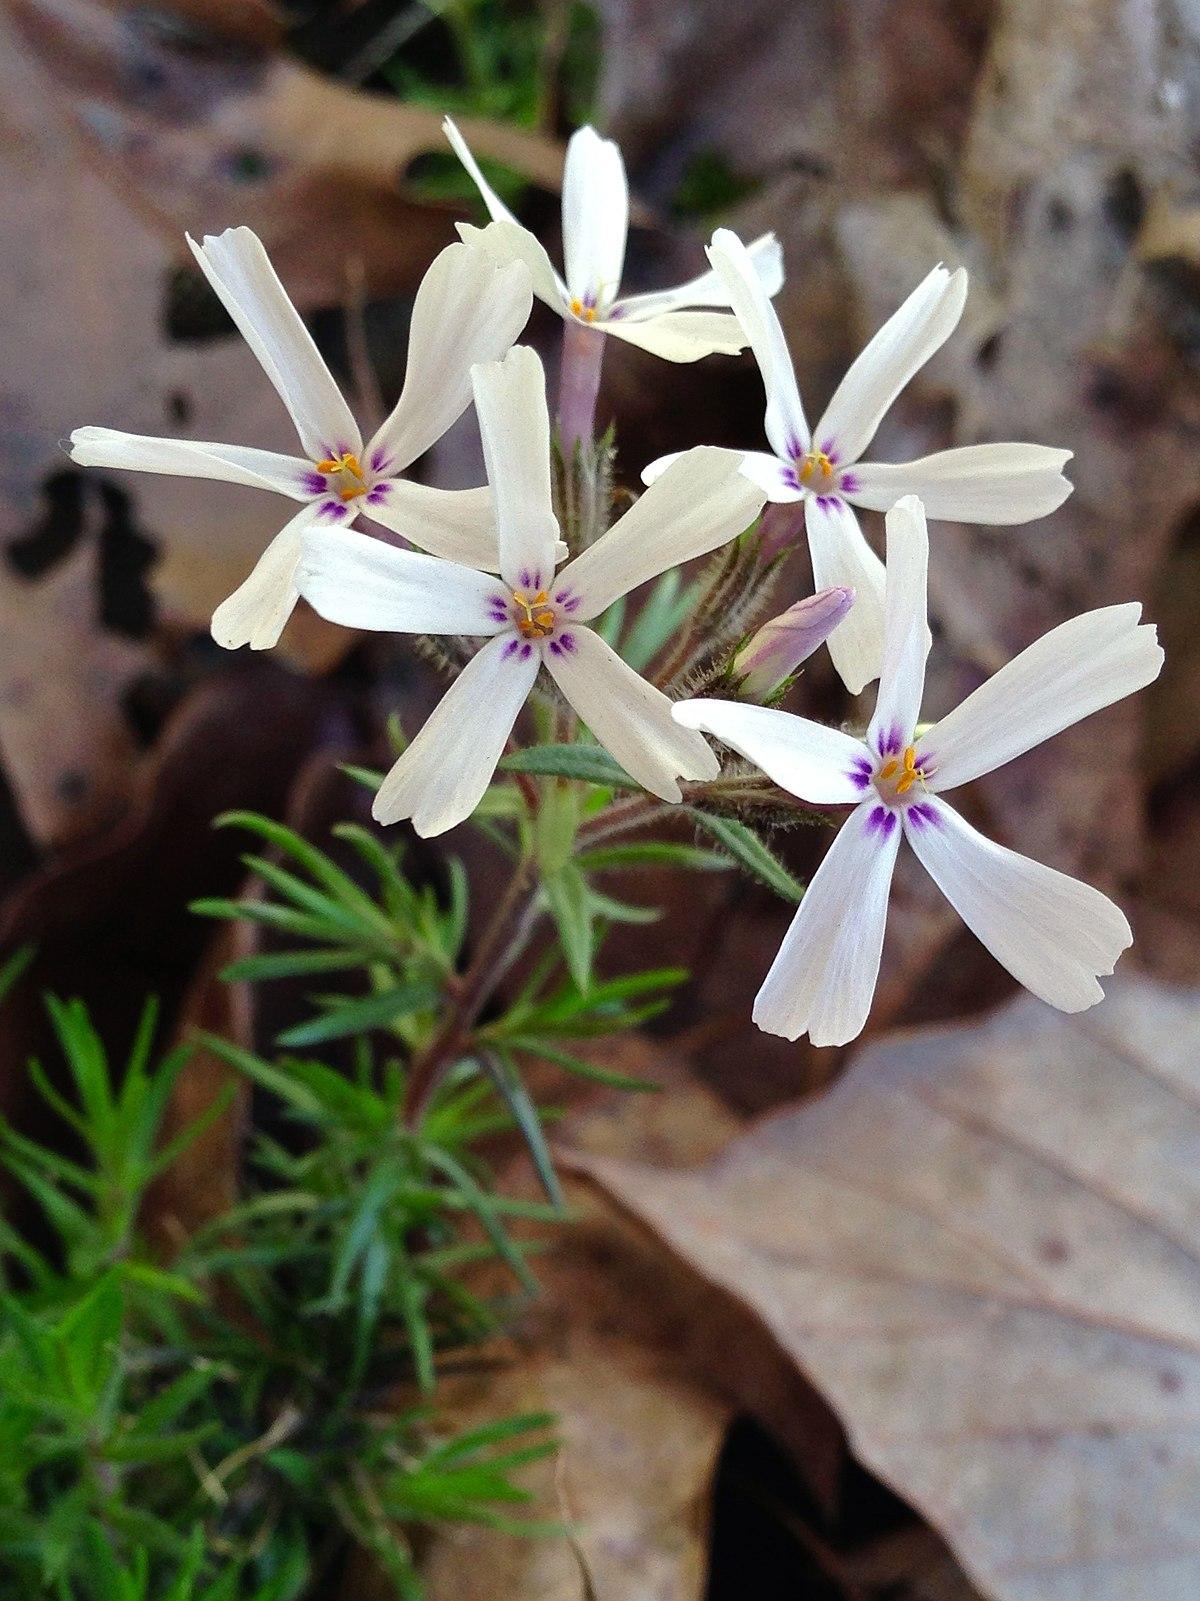 Phlox Subulata Wikipedia